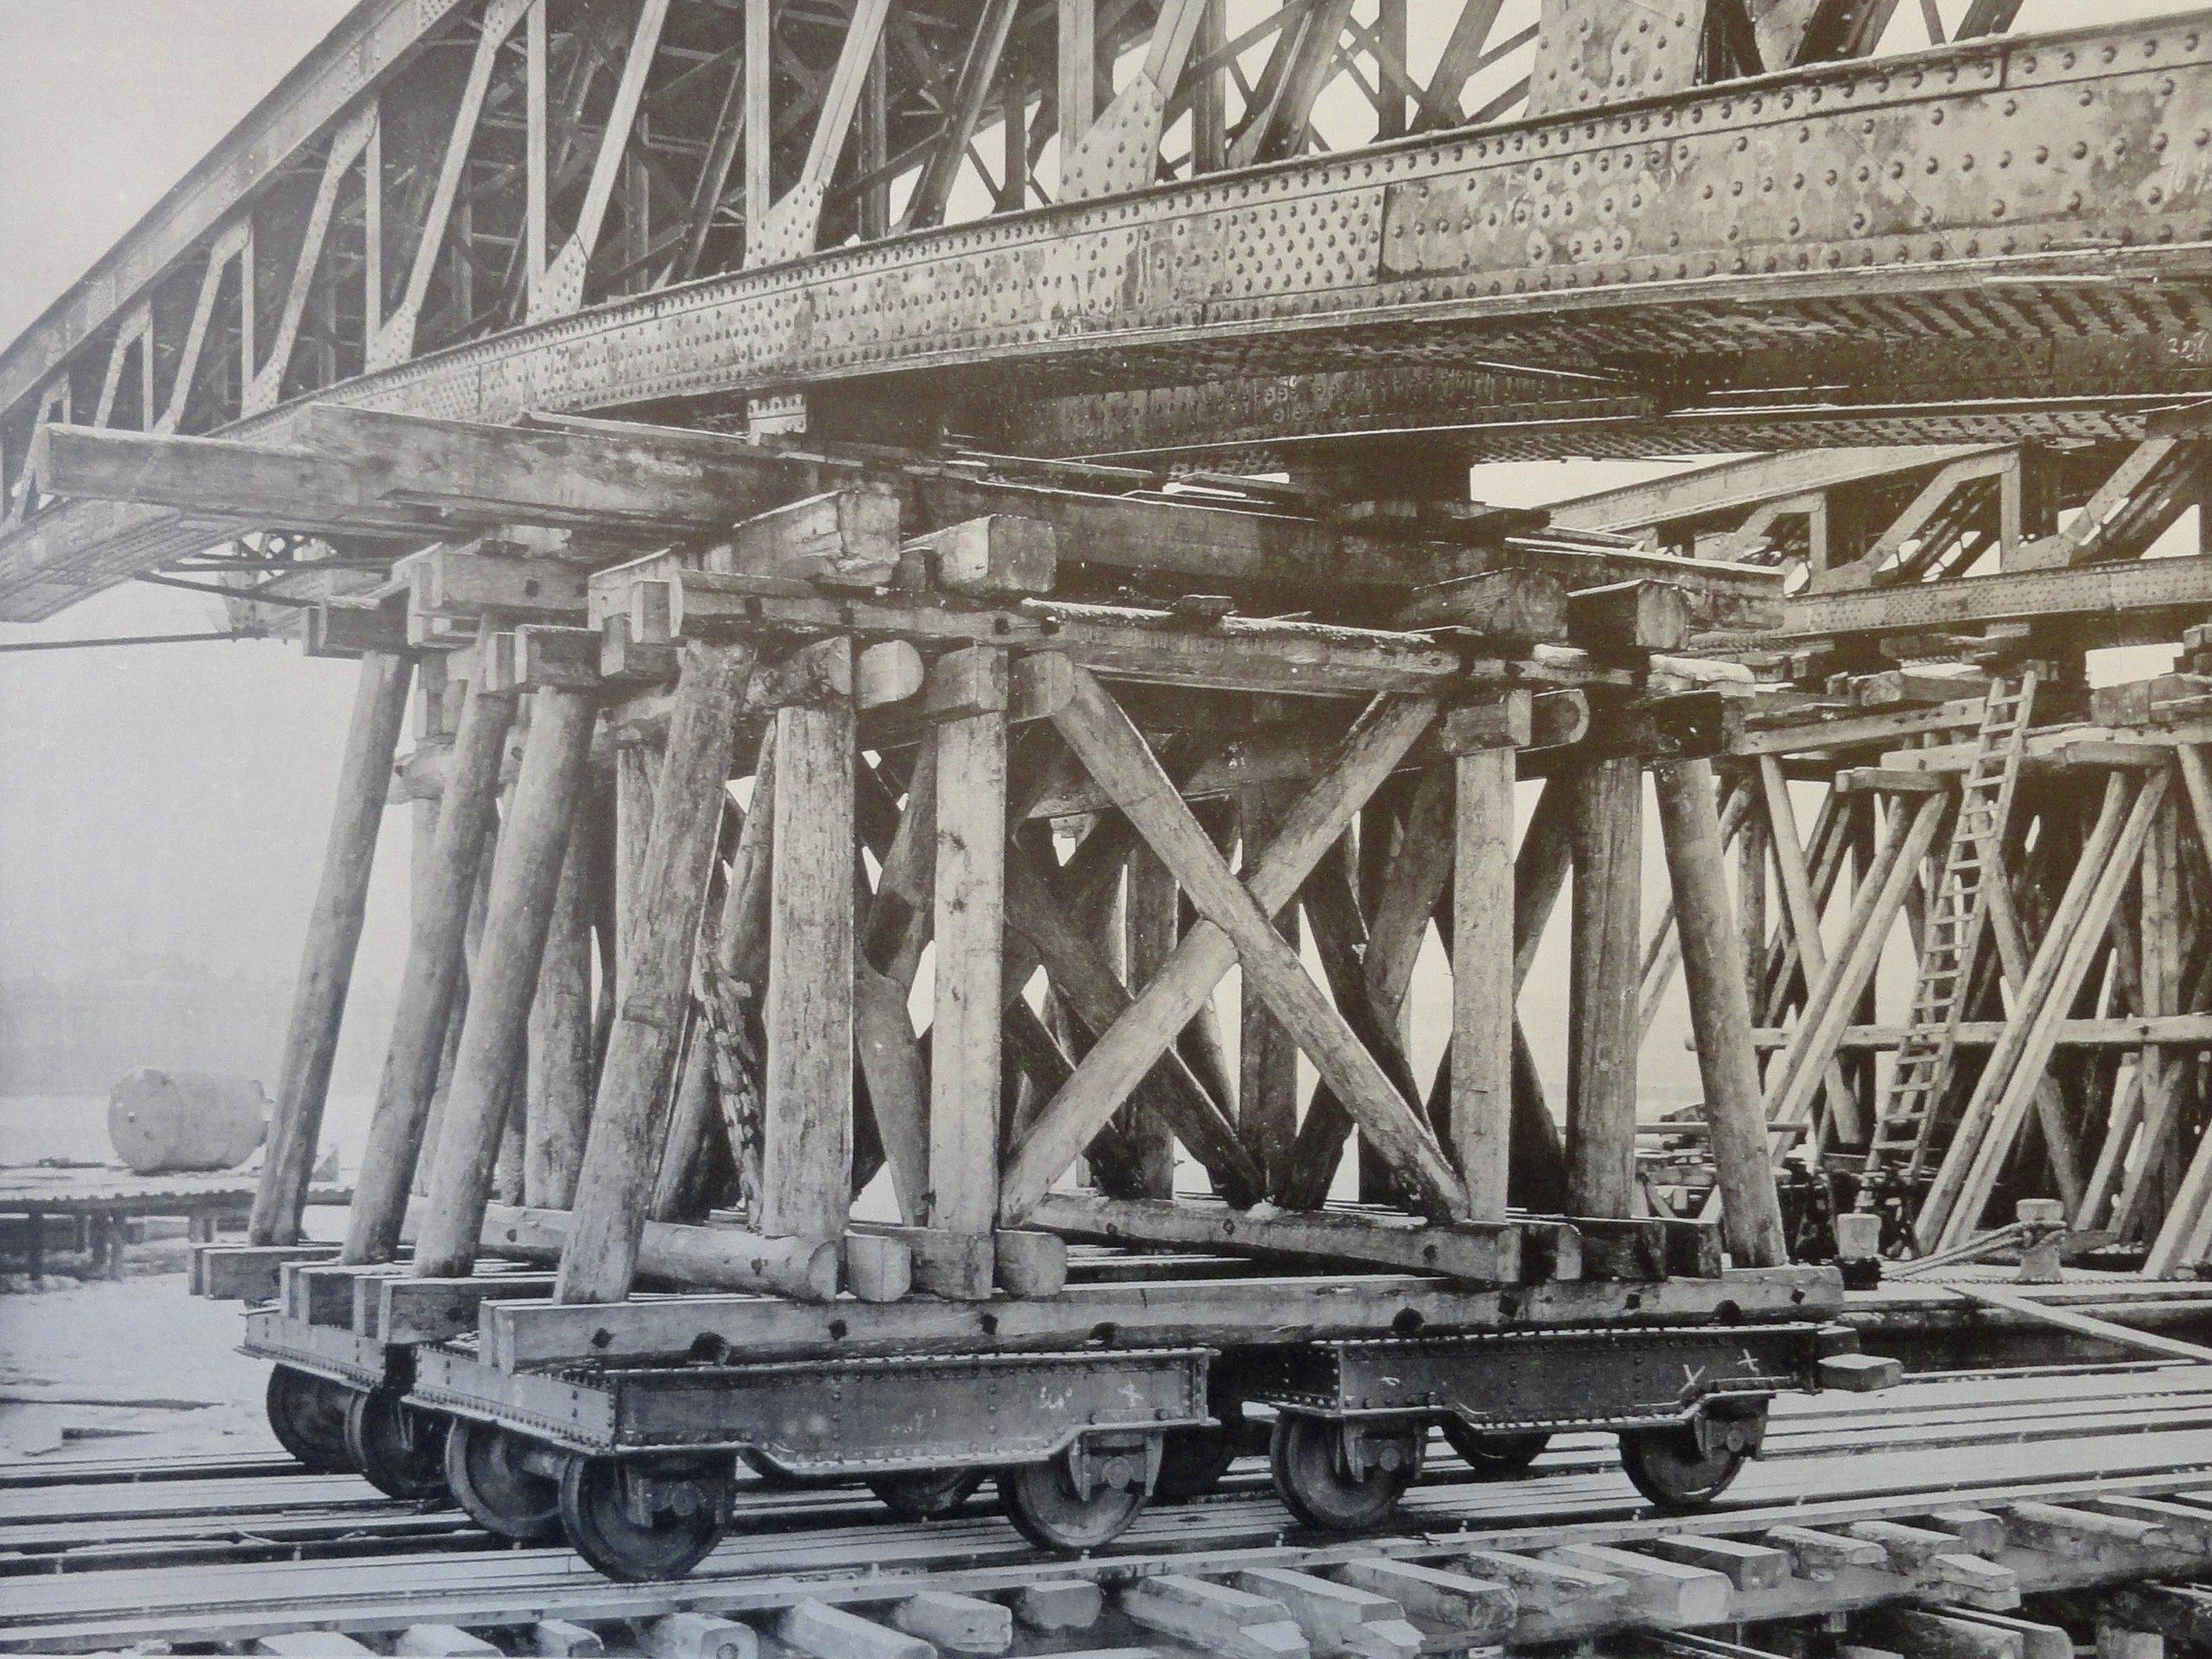 1900. Высокие тележки для перевозки арочных ферм. 12 декабря